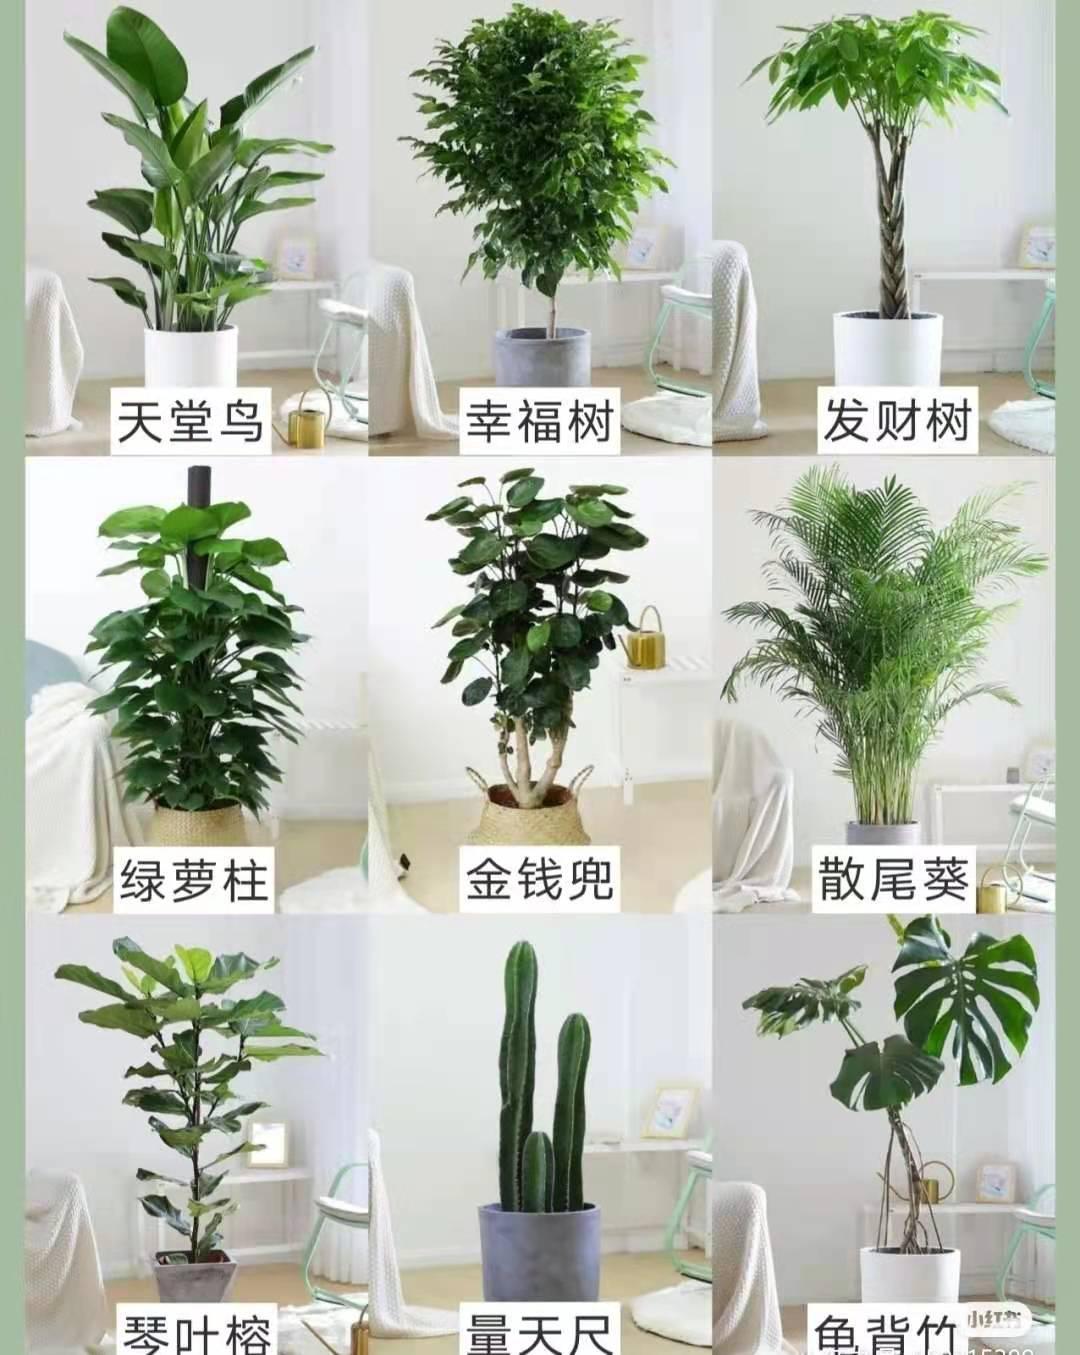 适合摆放的九种大型绿植